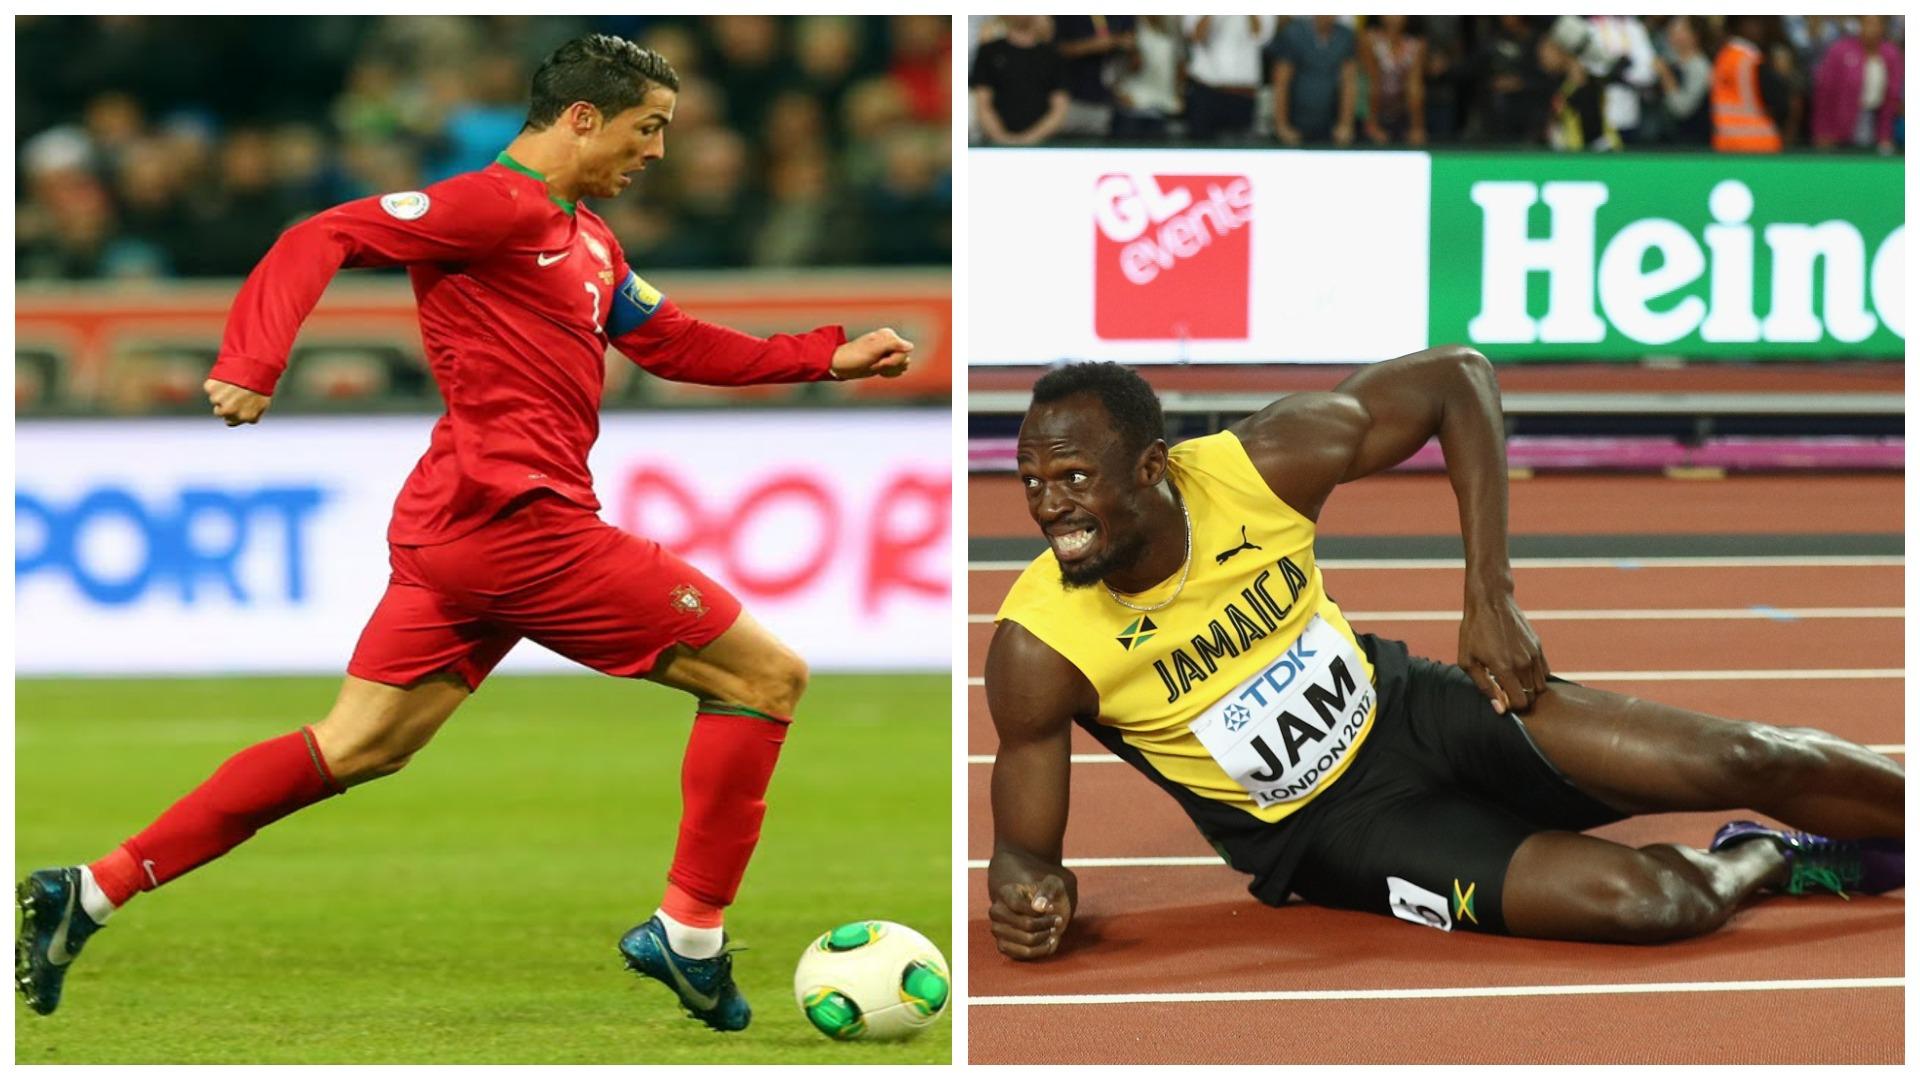 Bolt: Garë shpejtësie me Ronaldon? Do fitonte ai, ka një shkak pse